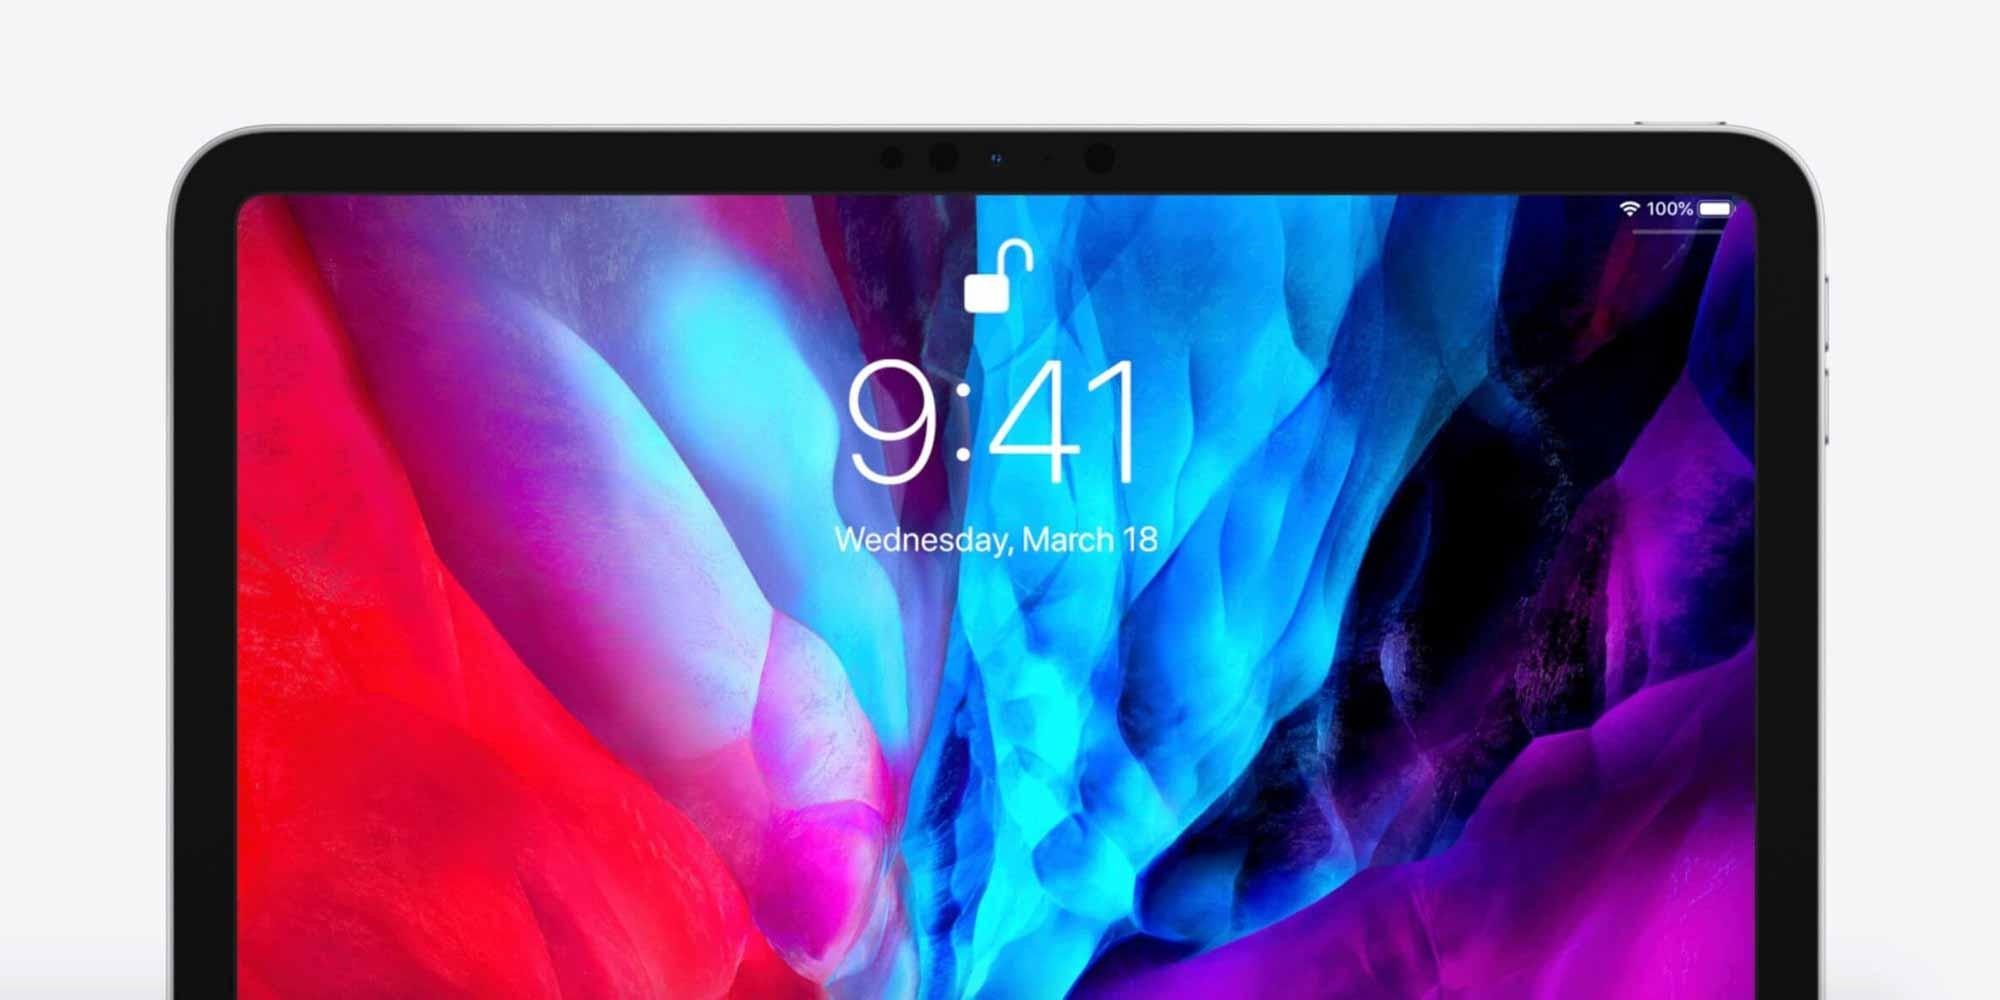 Первый iPad Pro с мини-светодиодным дисплеем, вероятно, появится в первом квартале 2021 года, говорится в новом отчете